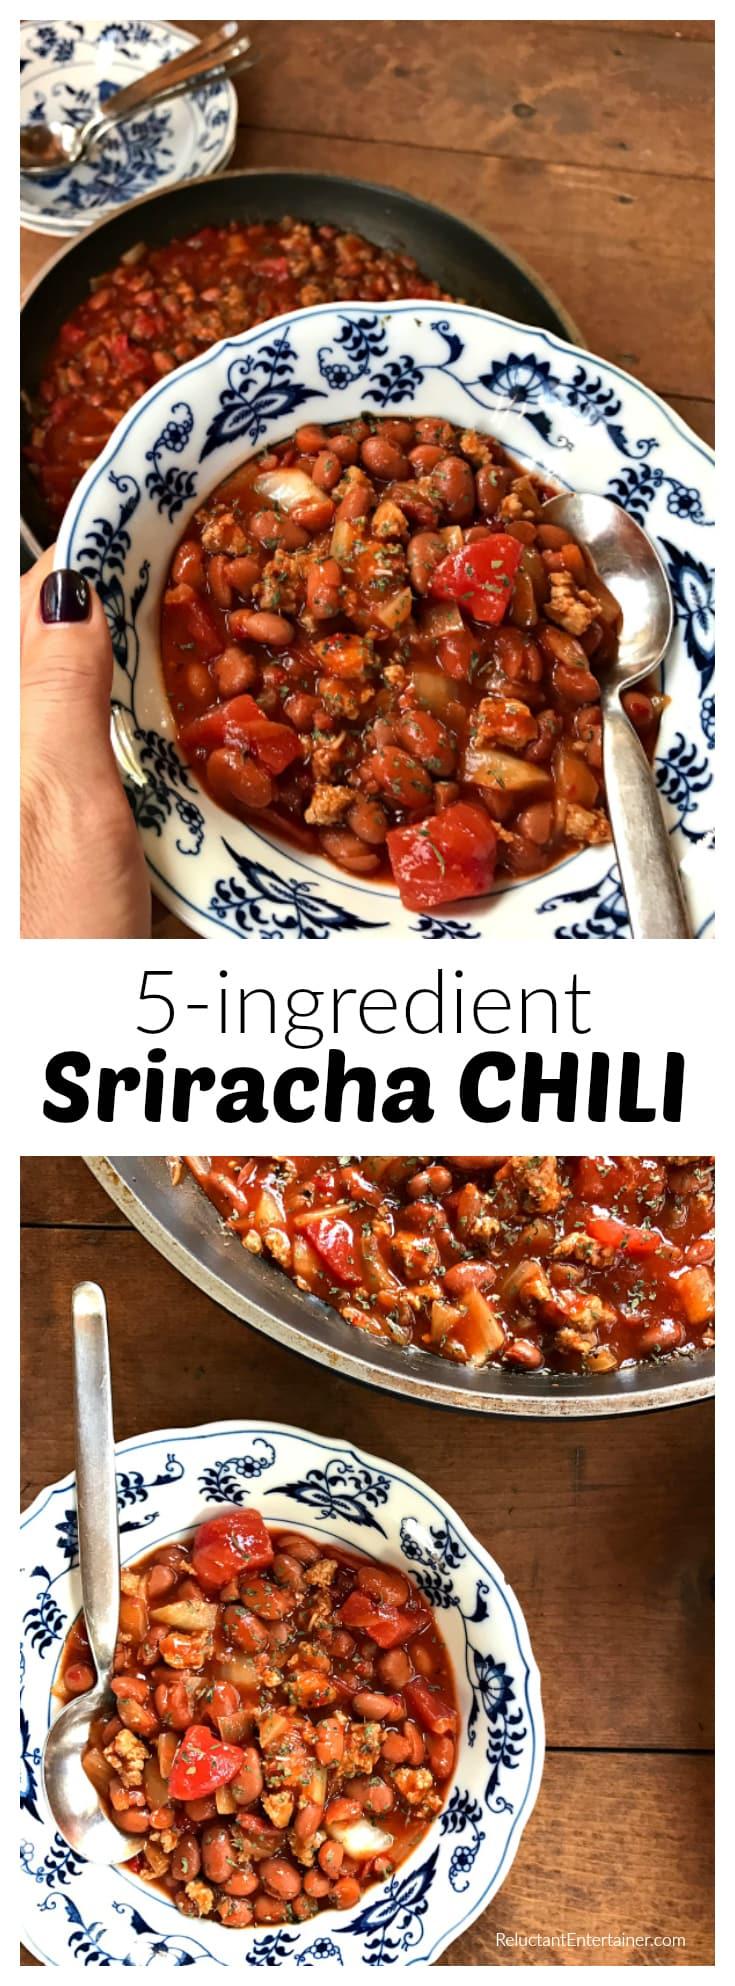 5-ingredient Sriracha Chili Recipe at ReluctantEntertainer.com